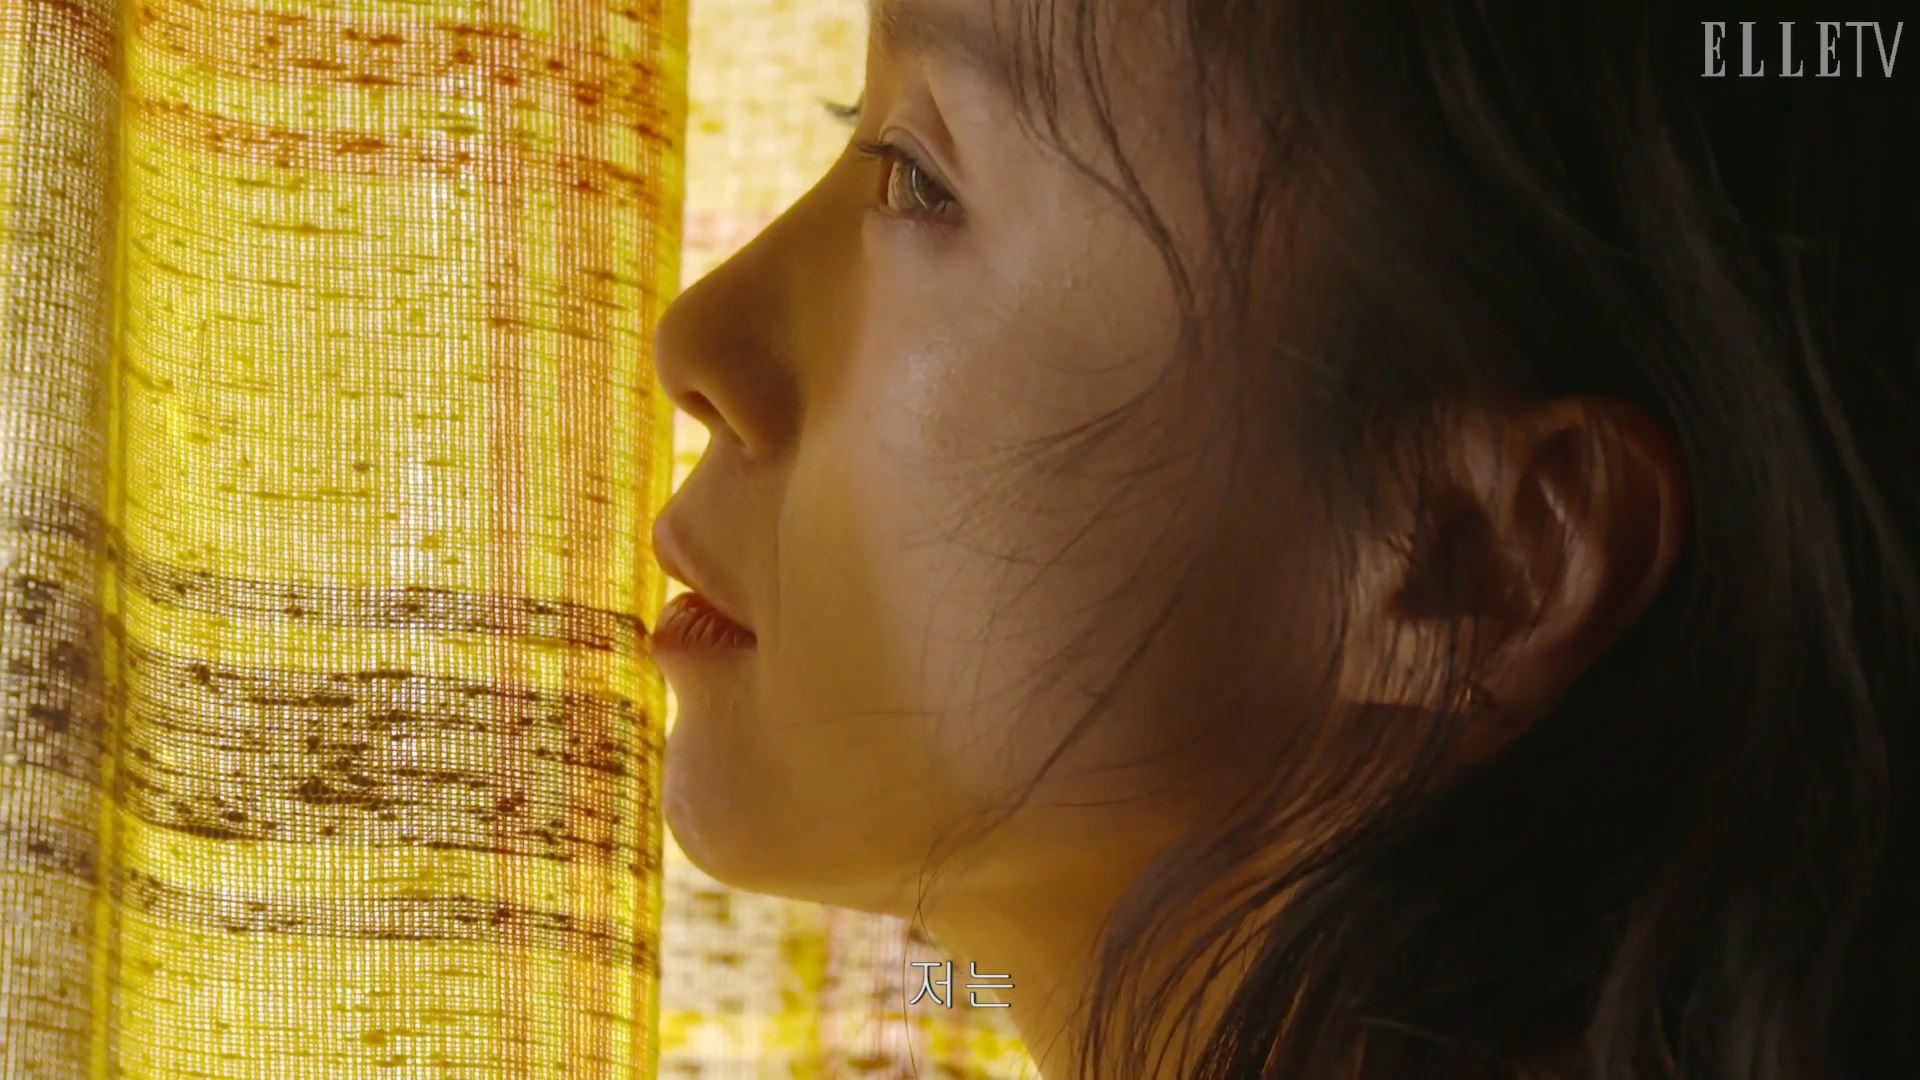 올해로 영화 데뷔 20주년을 맞이한 전도연. 그녀와 함께한 영화 속 장면 같은 아름다운 찰나를 감상하세요.